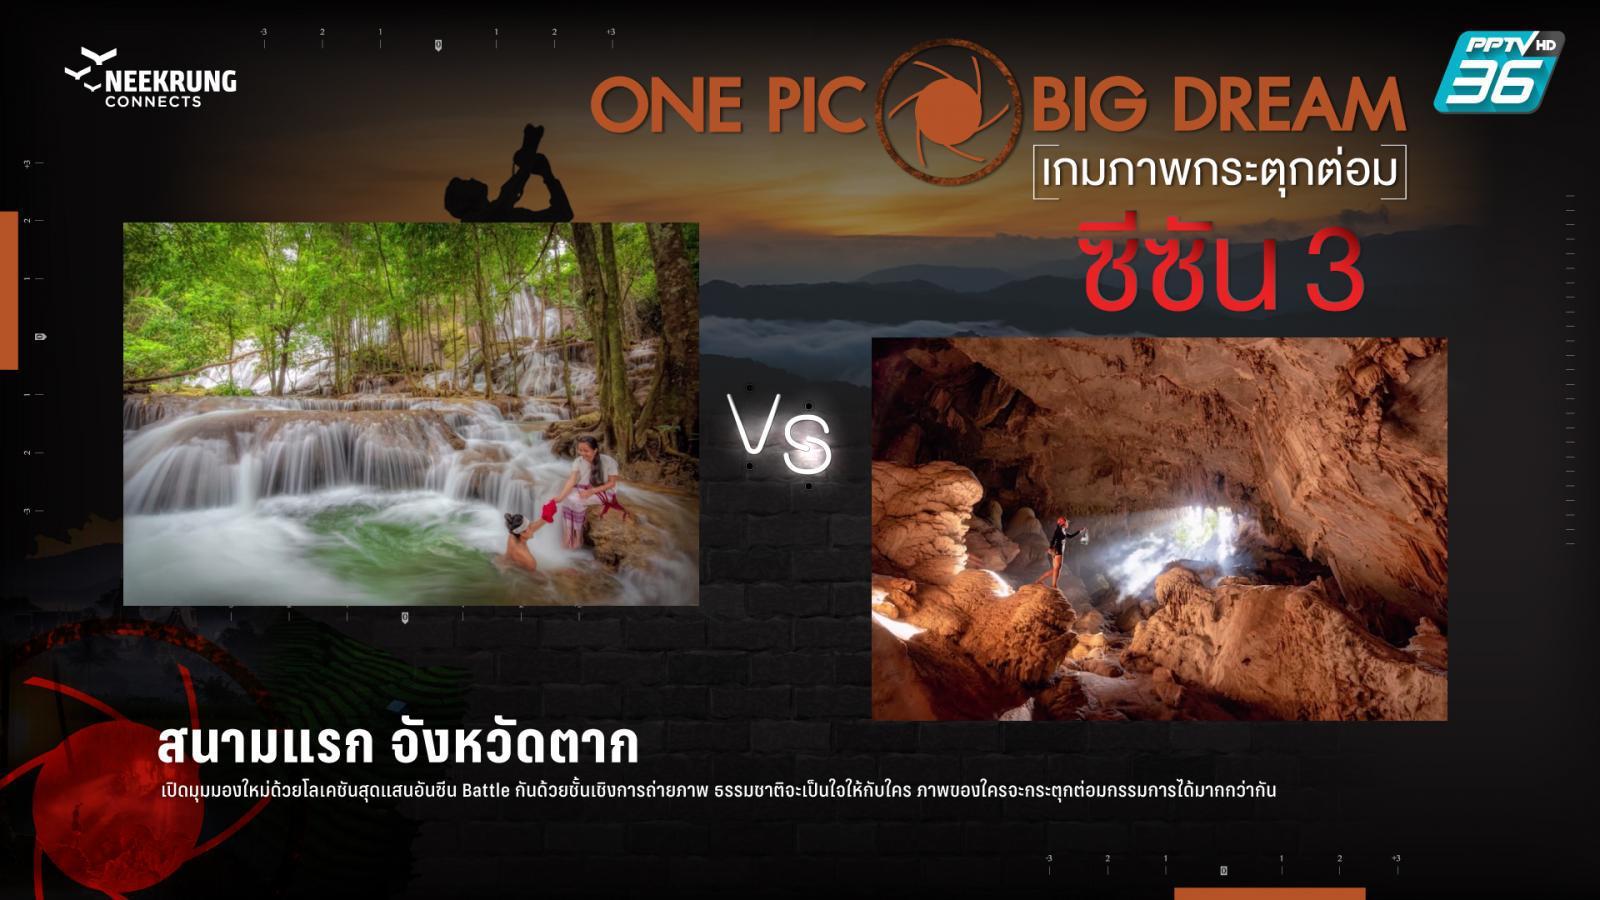 ONE PIC BIG DREAM เกมภาพกระตุกต่อม ซีซัน 3